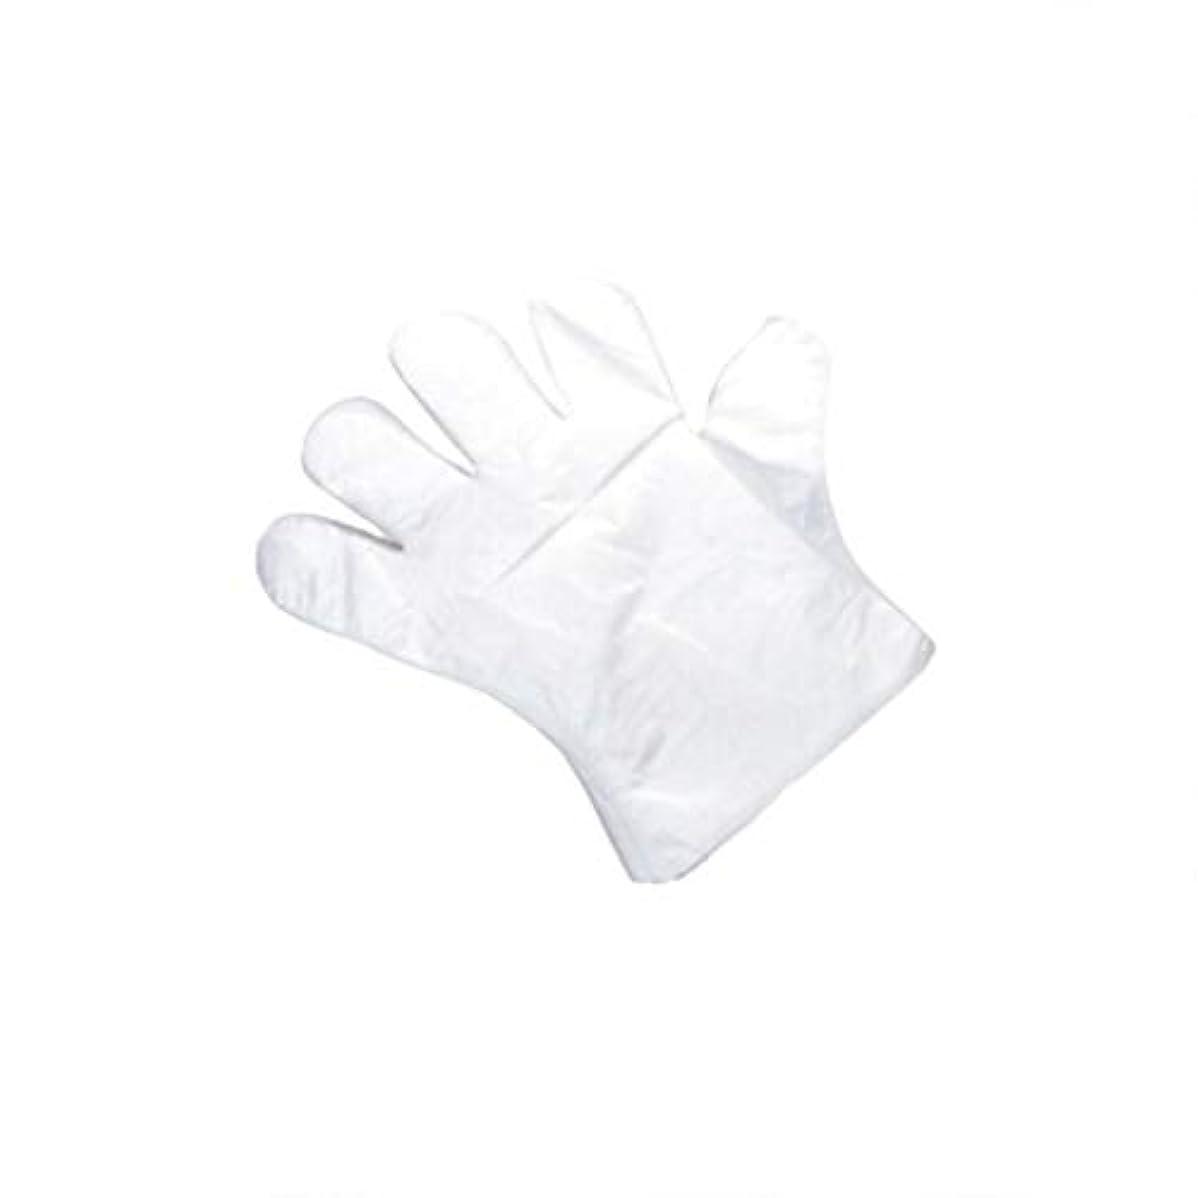 スケルトンファンブル困難手袋、使い捨て手袋、肥厚、抽出手袋、テーブル、ピクニック、100スーツ。